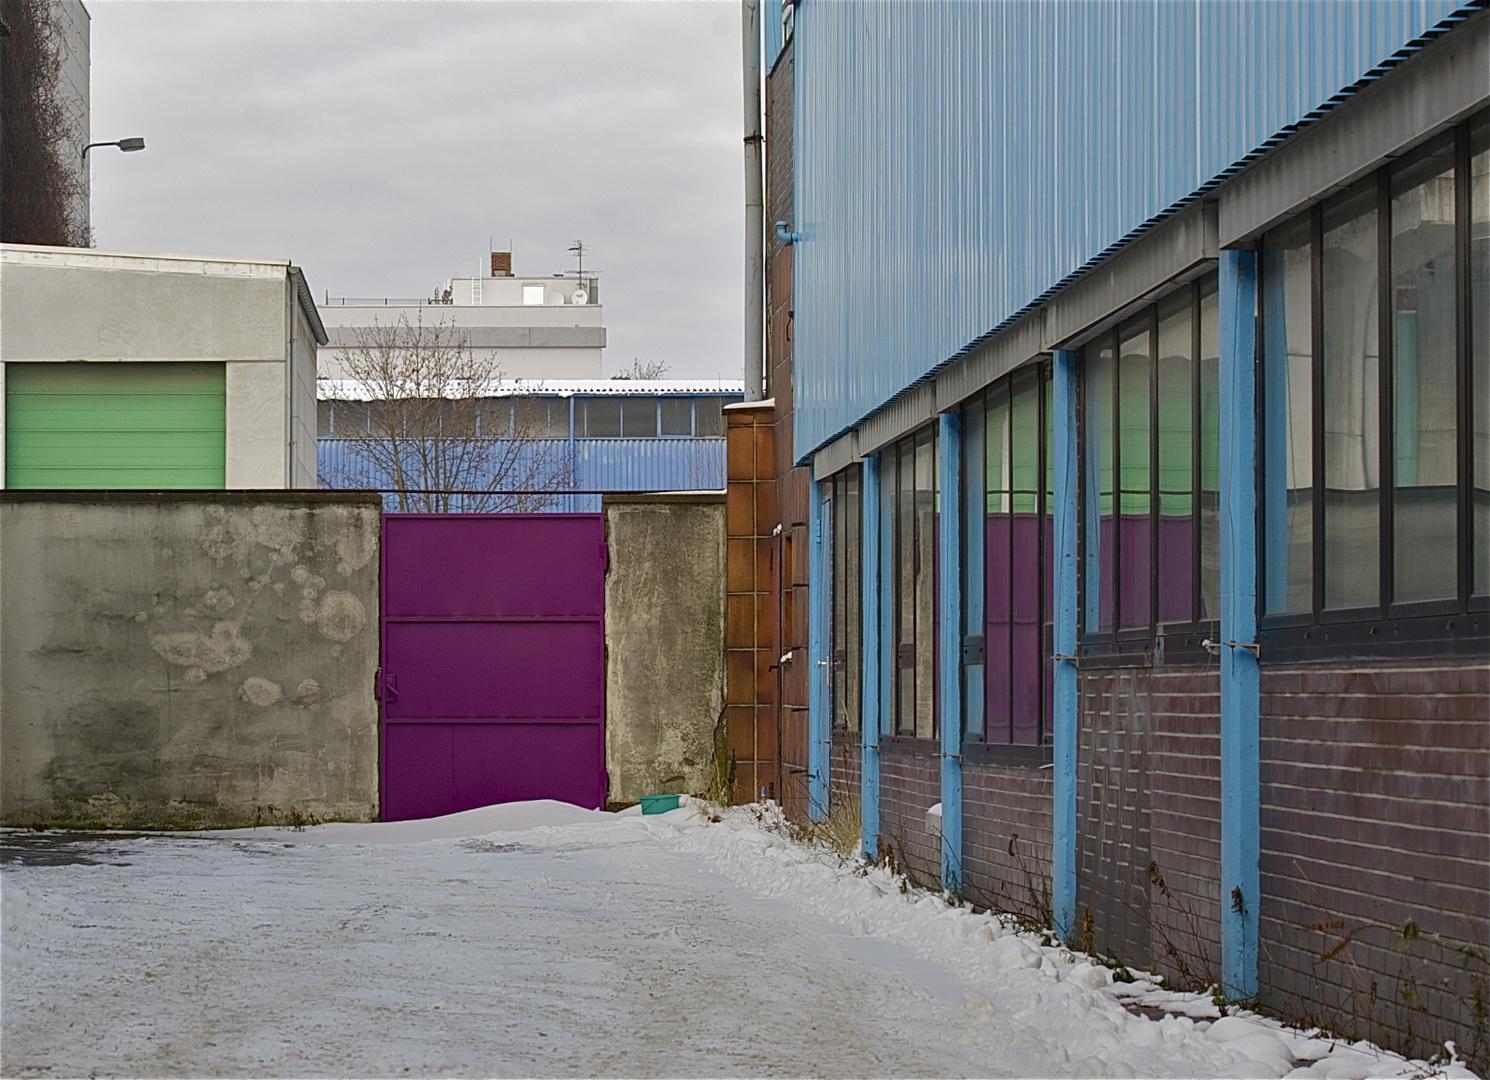 Hafen-Impression (1)